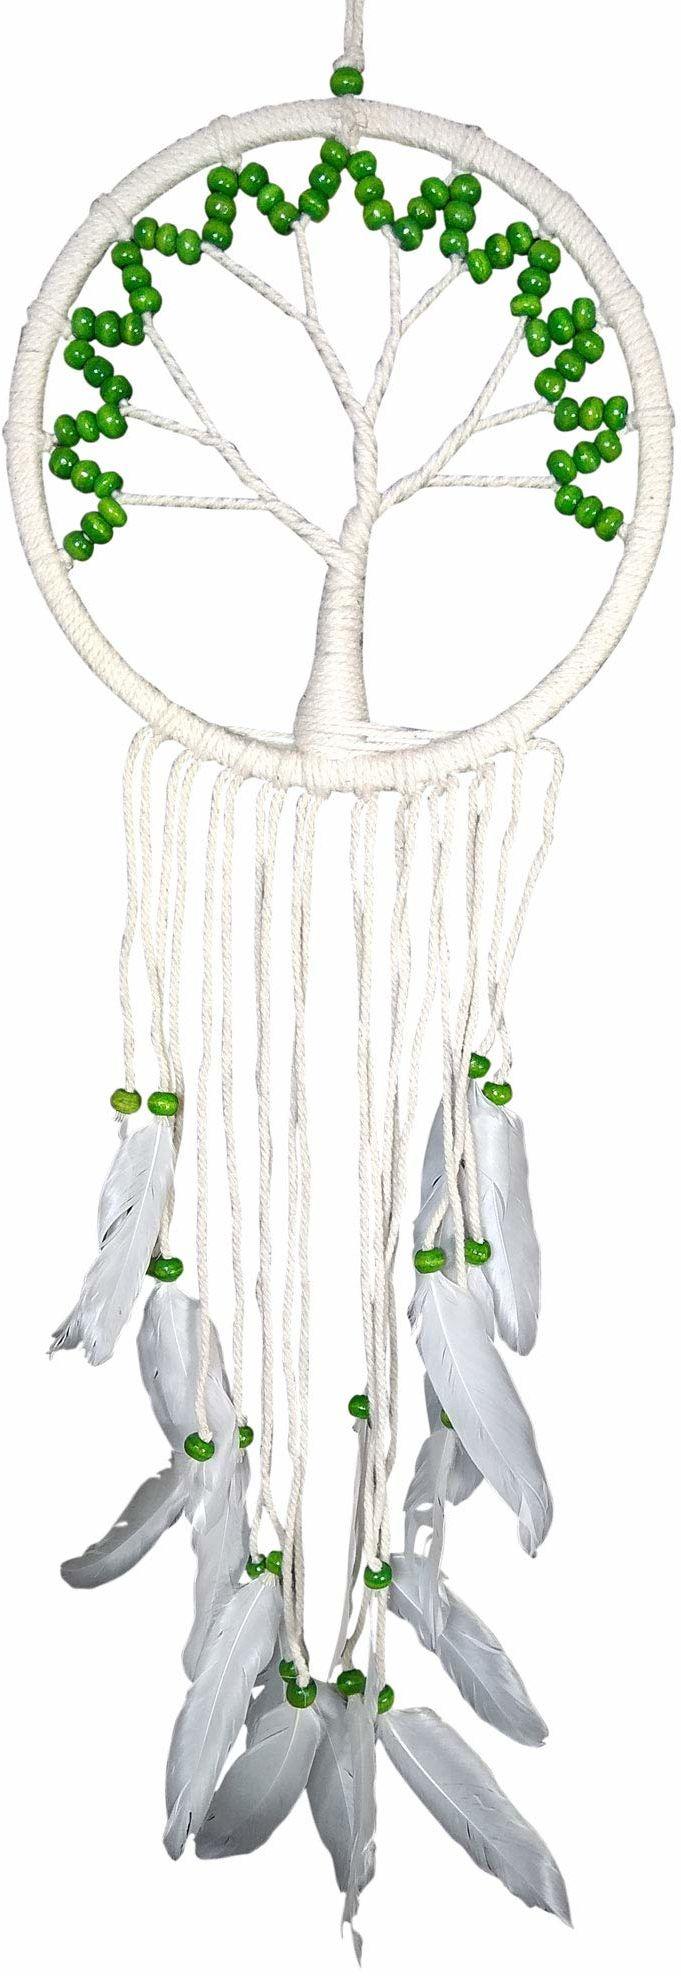 Asiastyle DC-TREEOL01-022WH-GR łapacz snów, biały, zielony, 22 cm